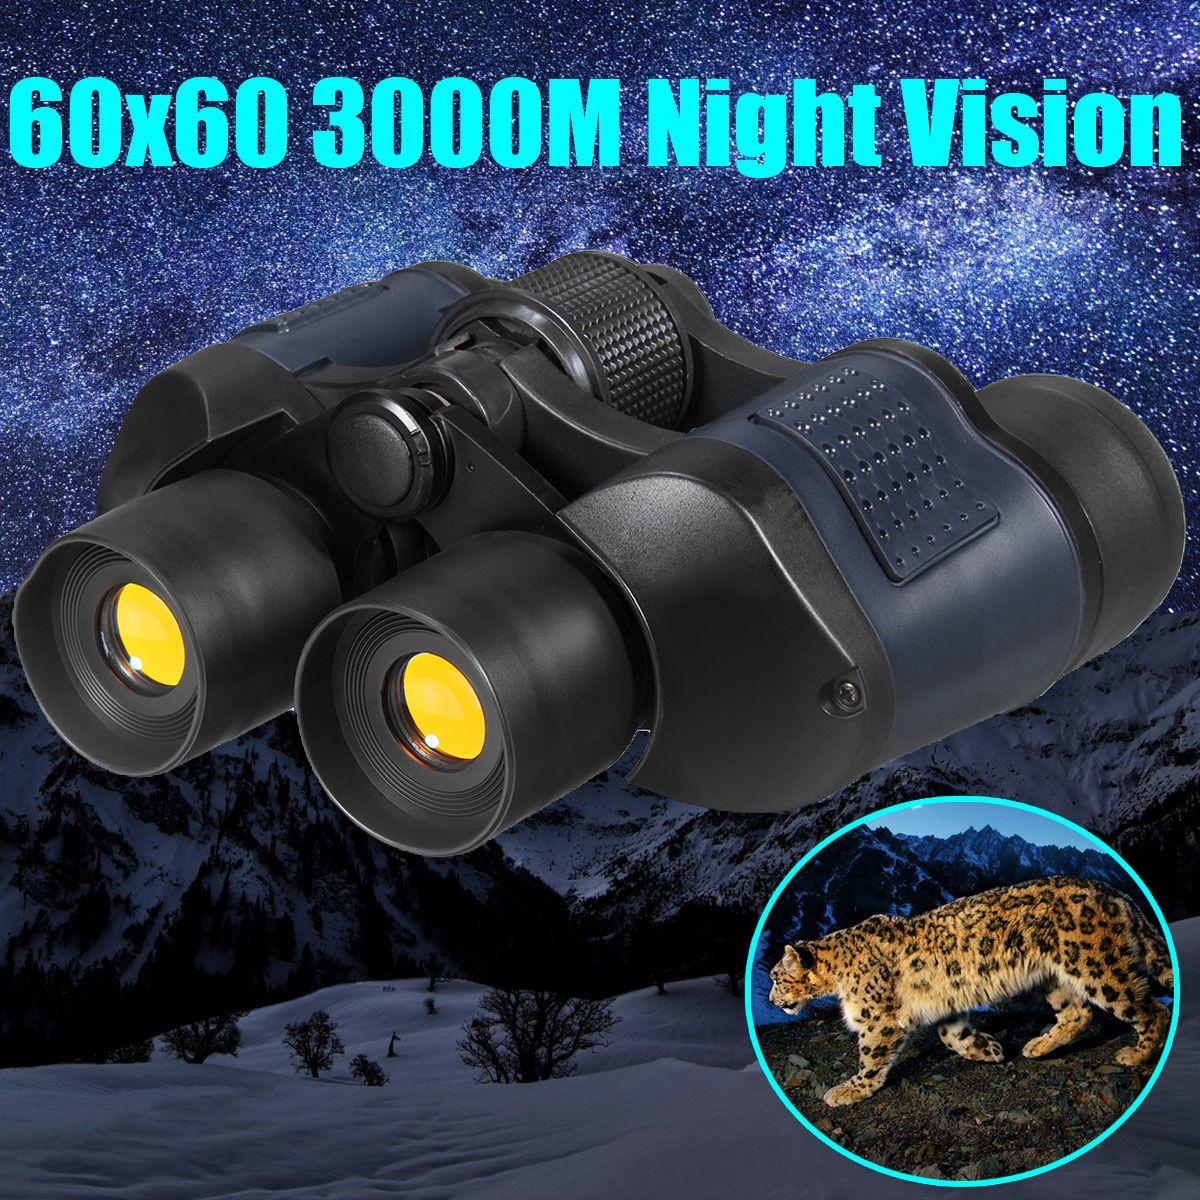 Nachtsicht 60x60 3000 mt High Definition Outdoor Jagd Fernglas Teleskop HD Wasserdicht Für Jagd Sport Okular